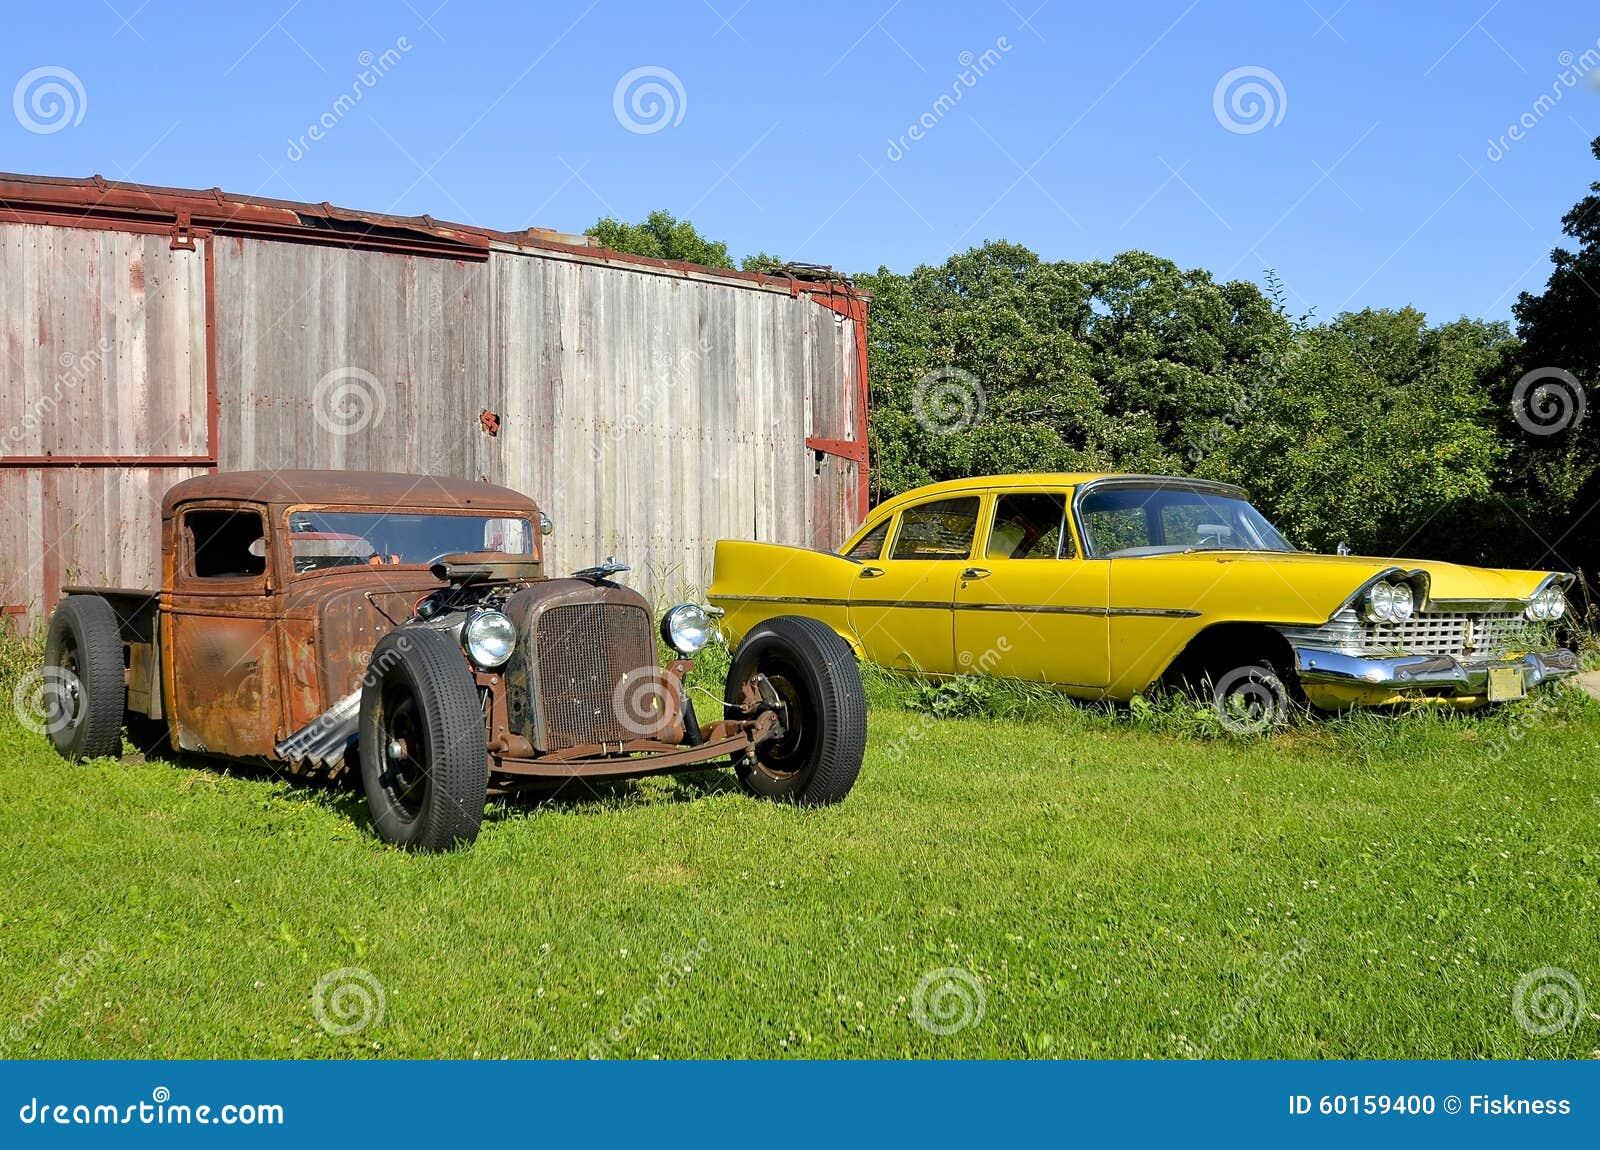 Εκλεκτής ποιότητας αυτοκίνητα παράλληλα με ένα αυτοκίνητο κιβωτίων σιδηροδρόμου